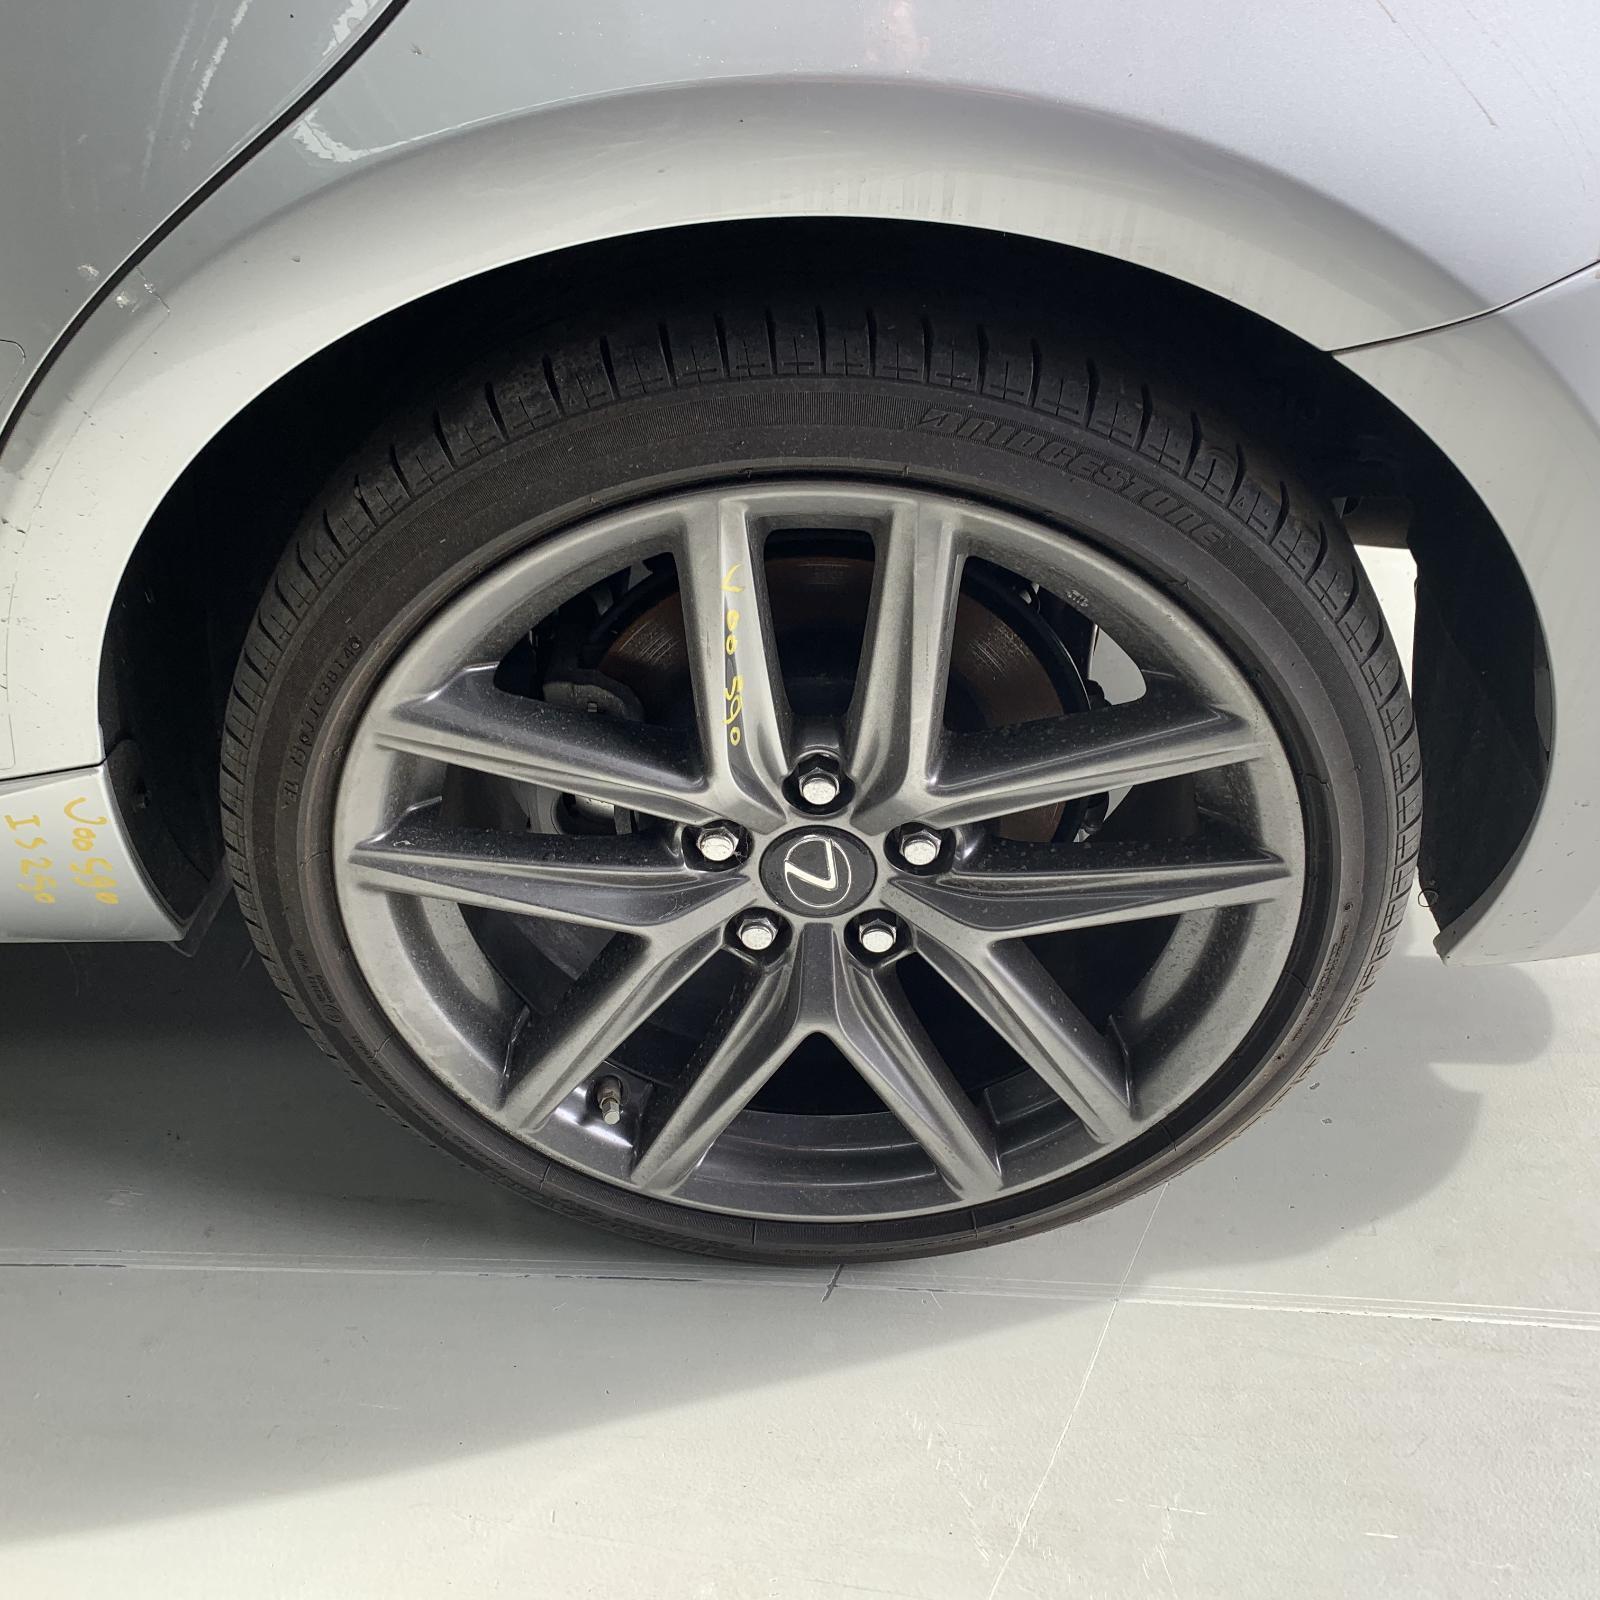 LEXUS IS, Wheel Mag, IS200t/IS250/IS300H/IS350, FACTORY, 18X8.5IN-REAR, XE30, SPORTS LUXURY/F SPORT, 04/13-